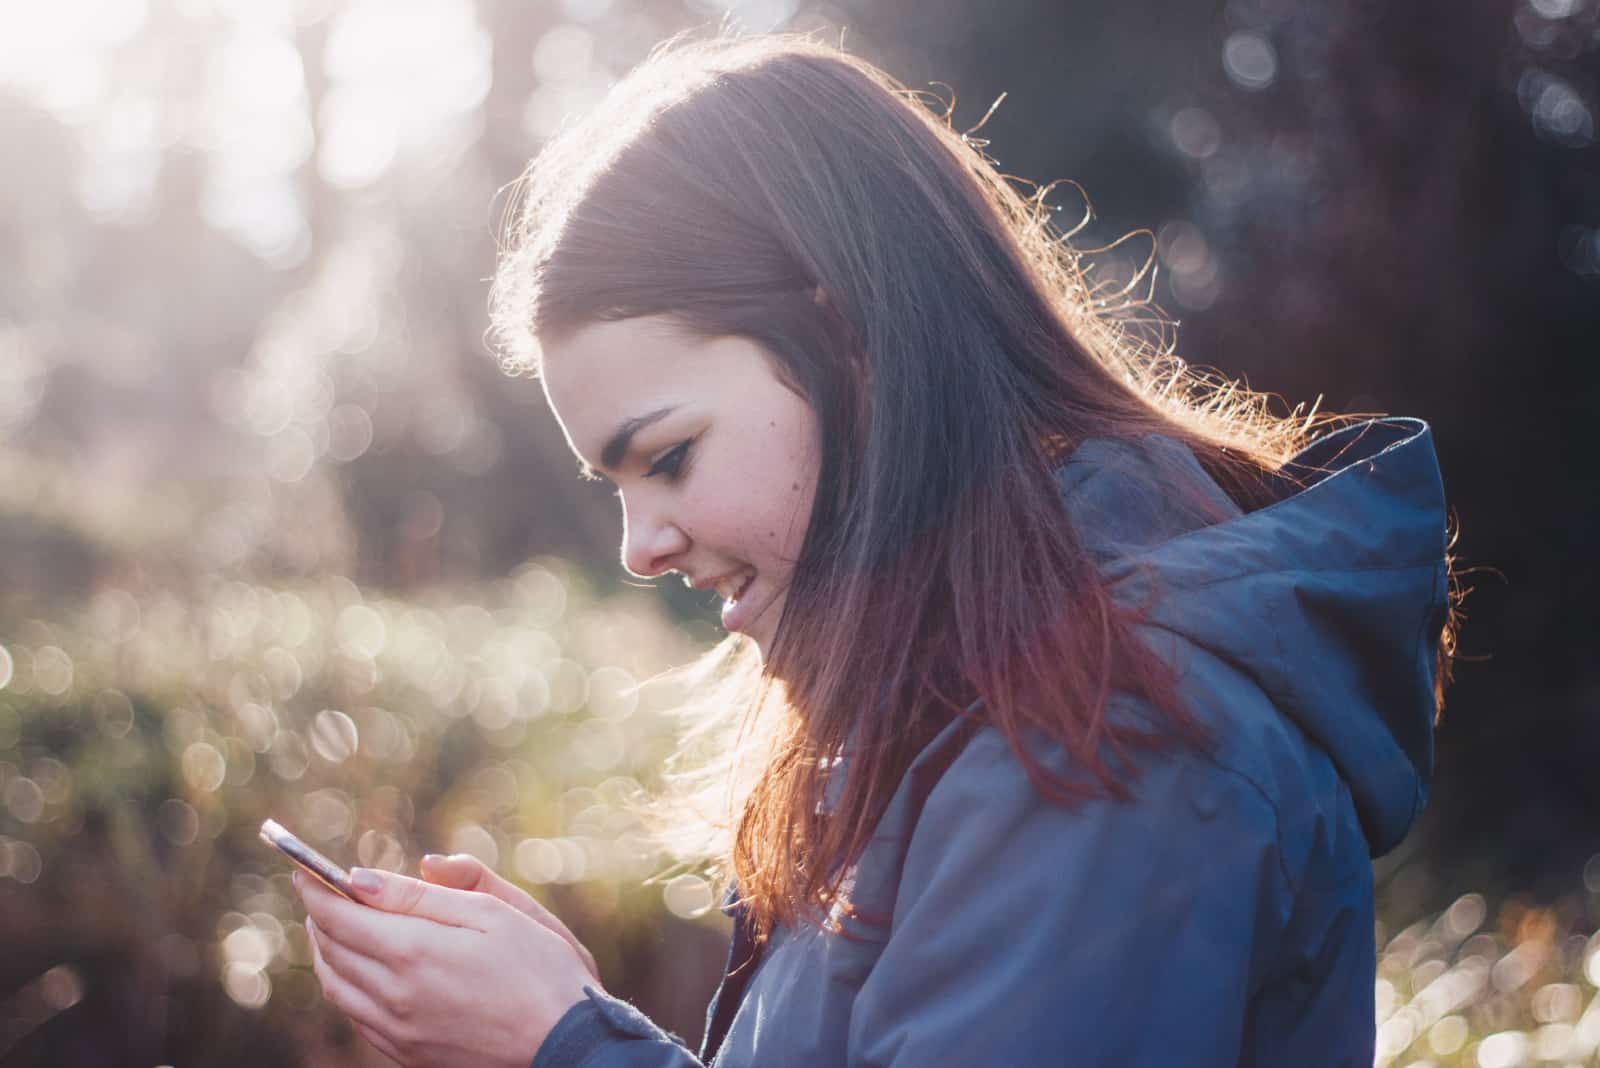 femme heureuse regardant son smartphone à l'extérieur